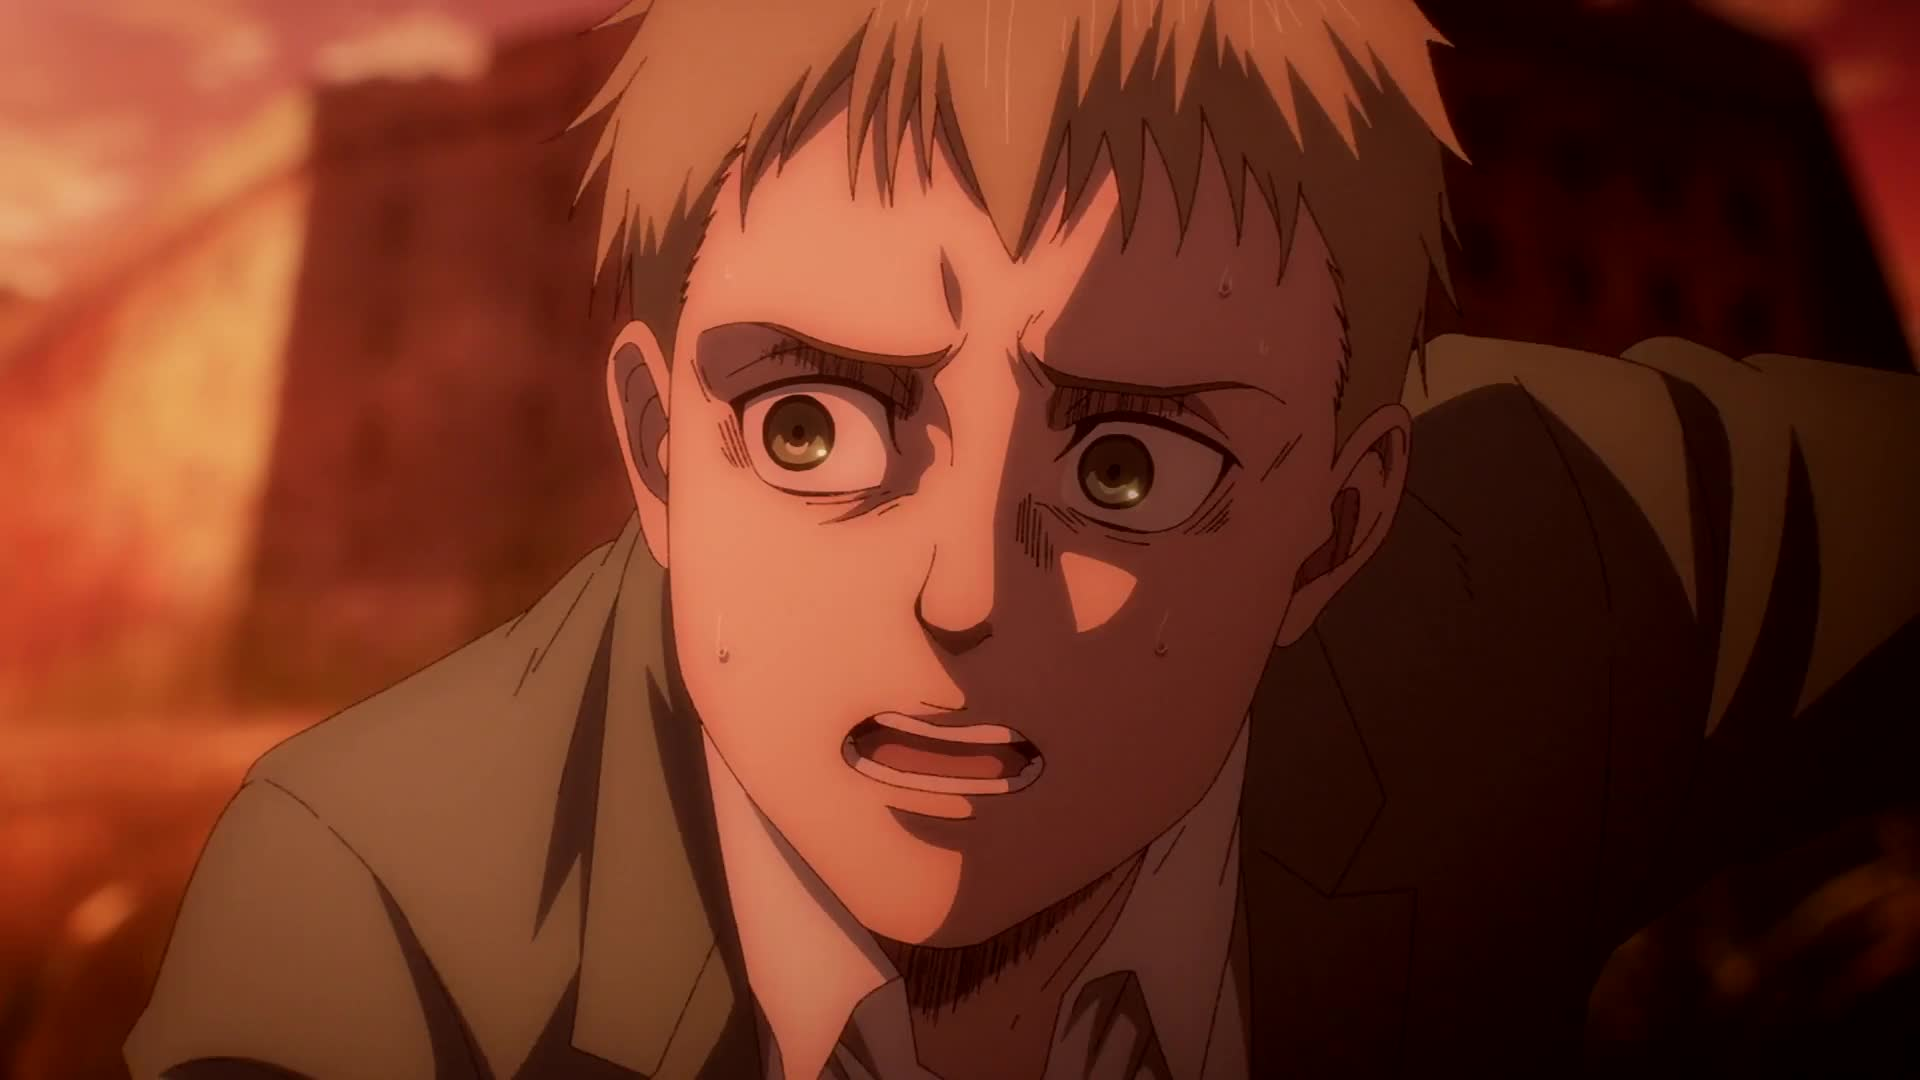 Shingeki no Kyojin: The Final Season - Episode 12